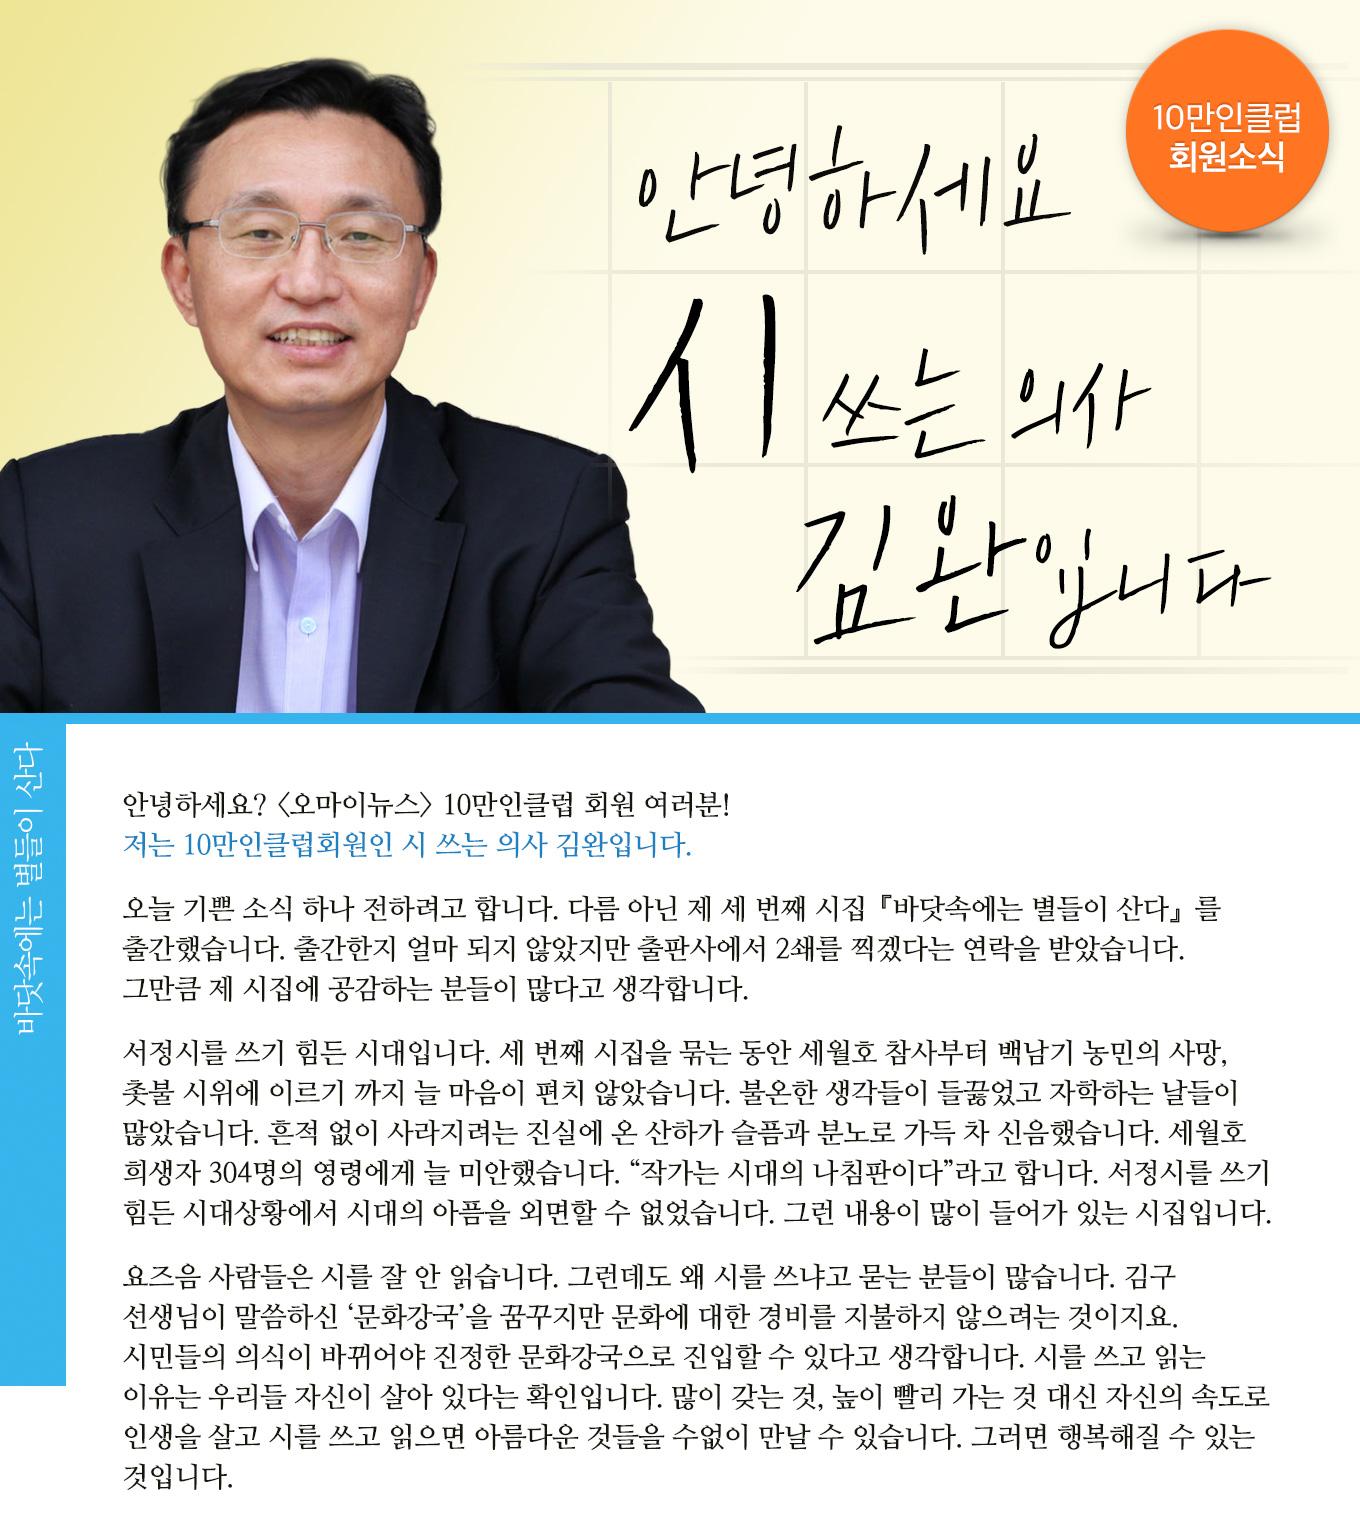 안녕하세요, 시 쓰는 의사 김완입니다.